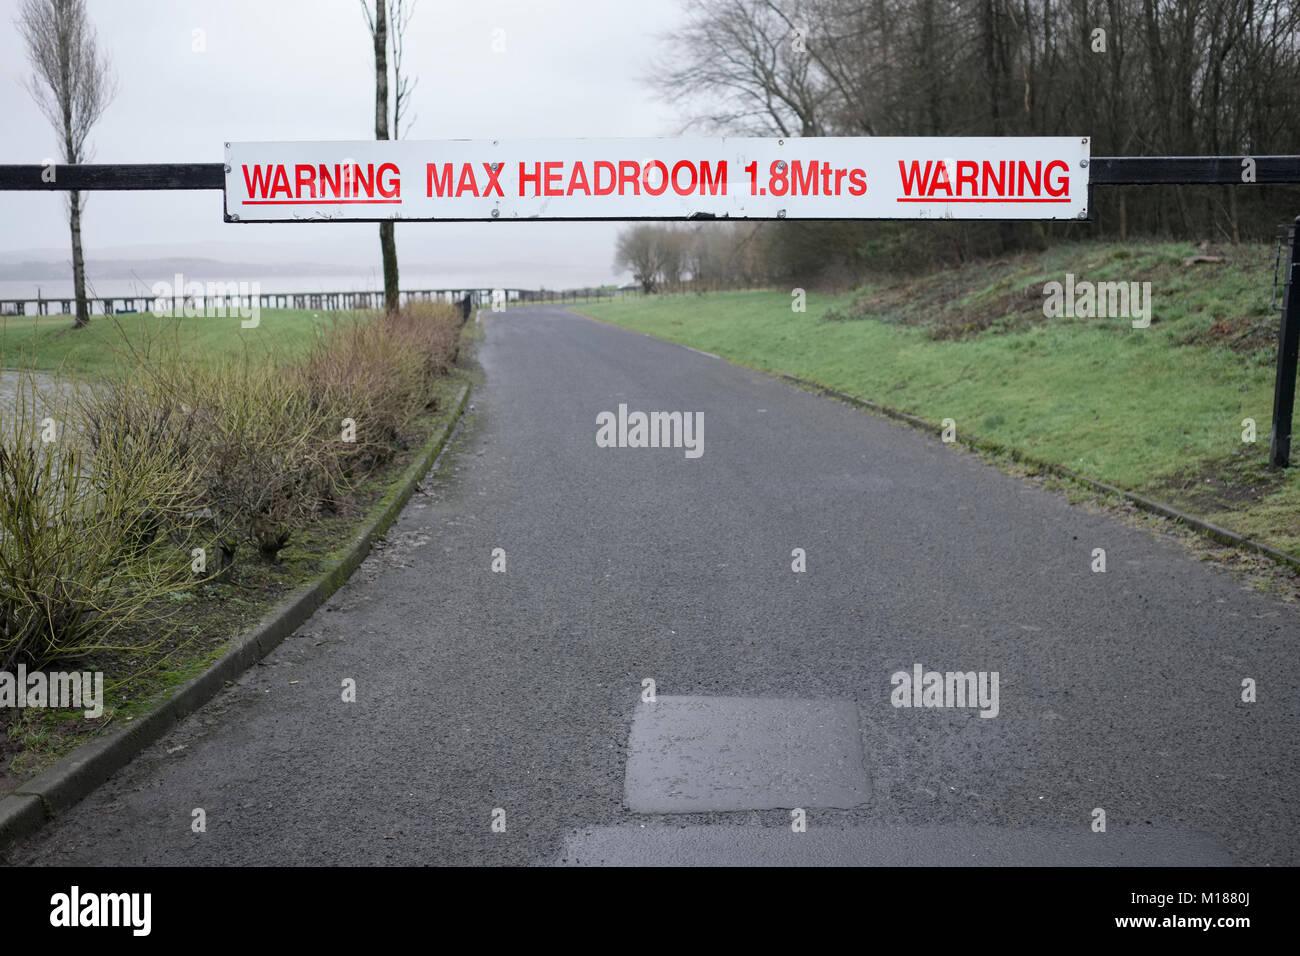 Max Headroom avertissement signer sur la route pour la sécurité des véhicules haut Photo Stock